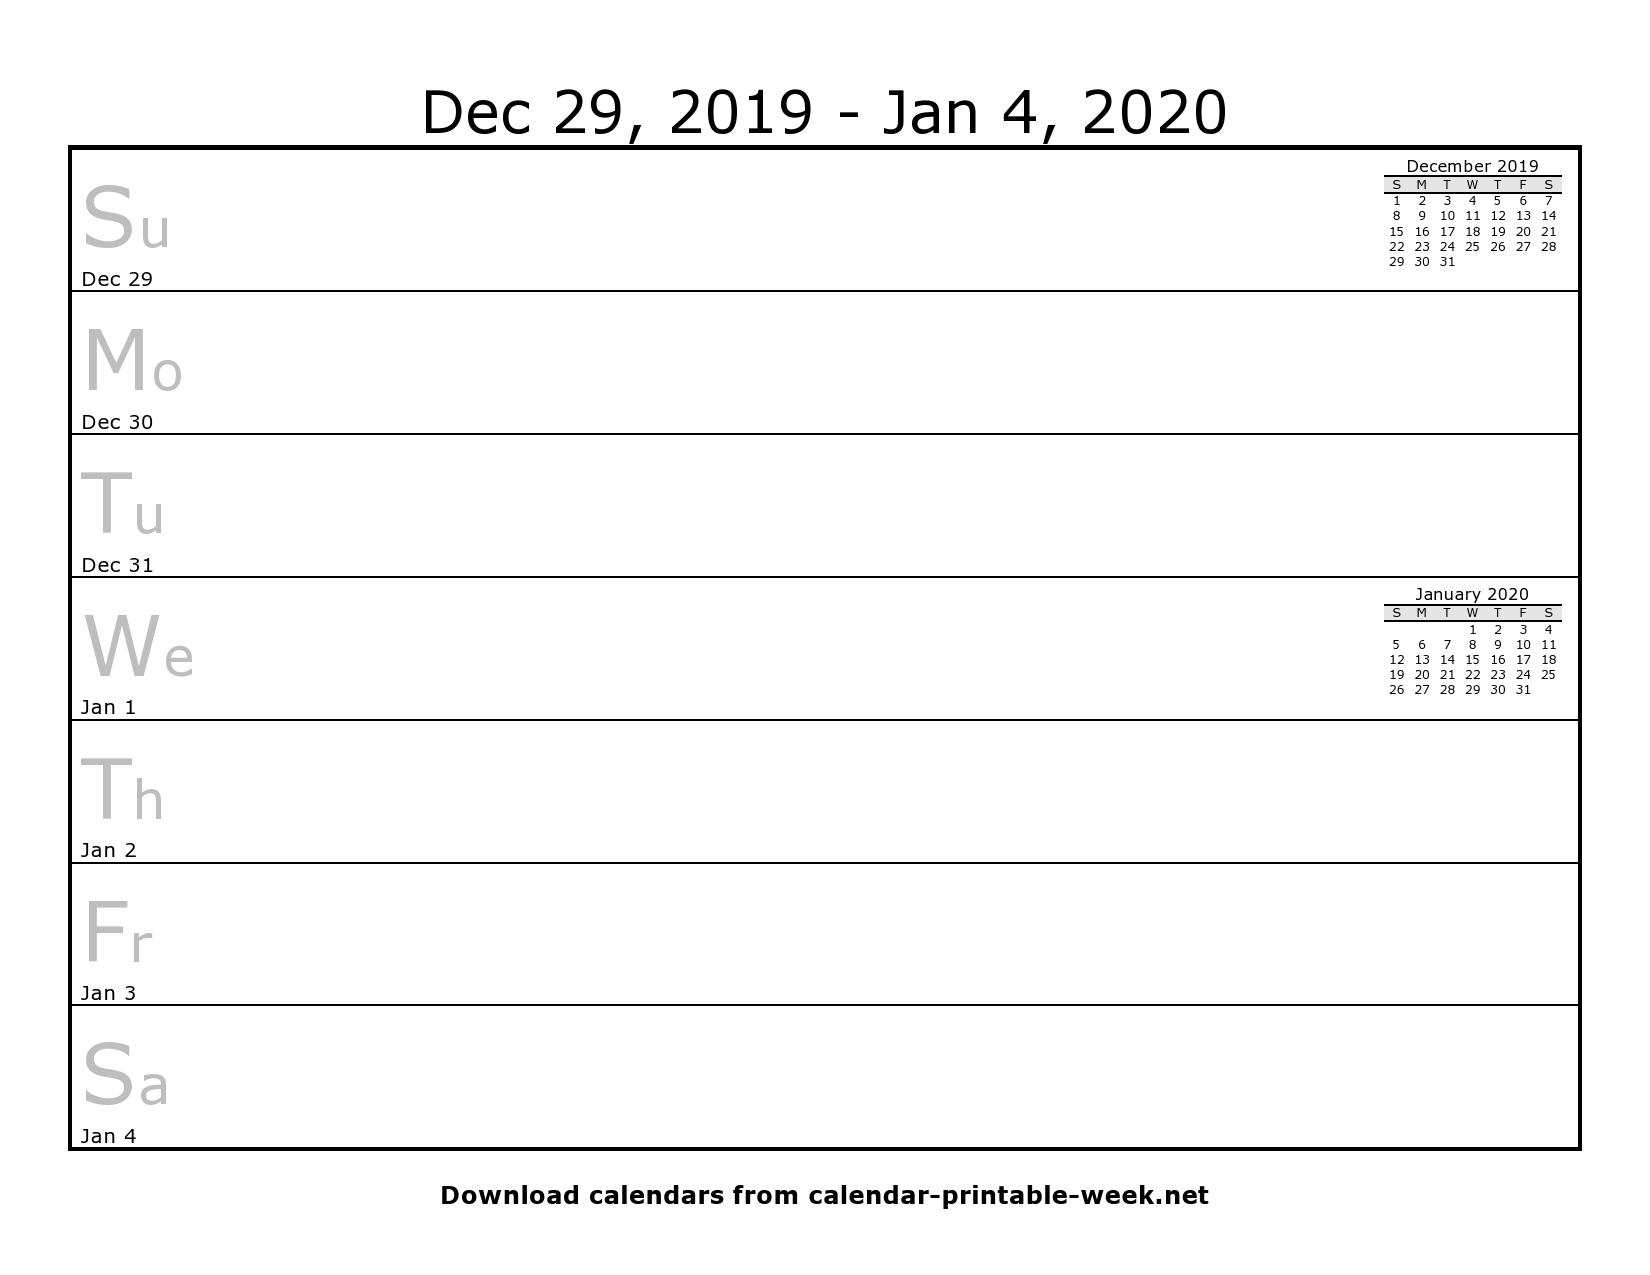 Weekly Calendar Blank – Calendar Printable Week regarding One Week Calendar Printable